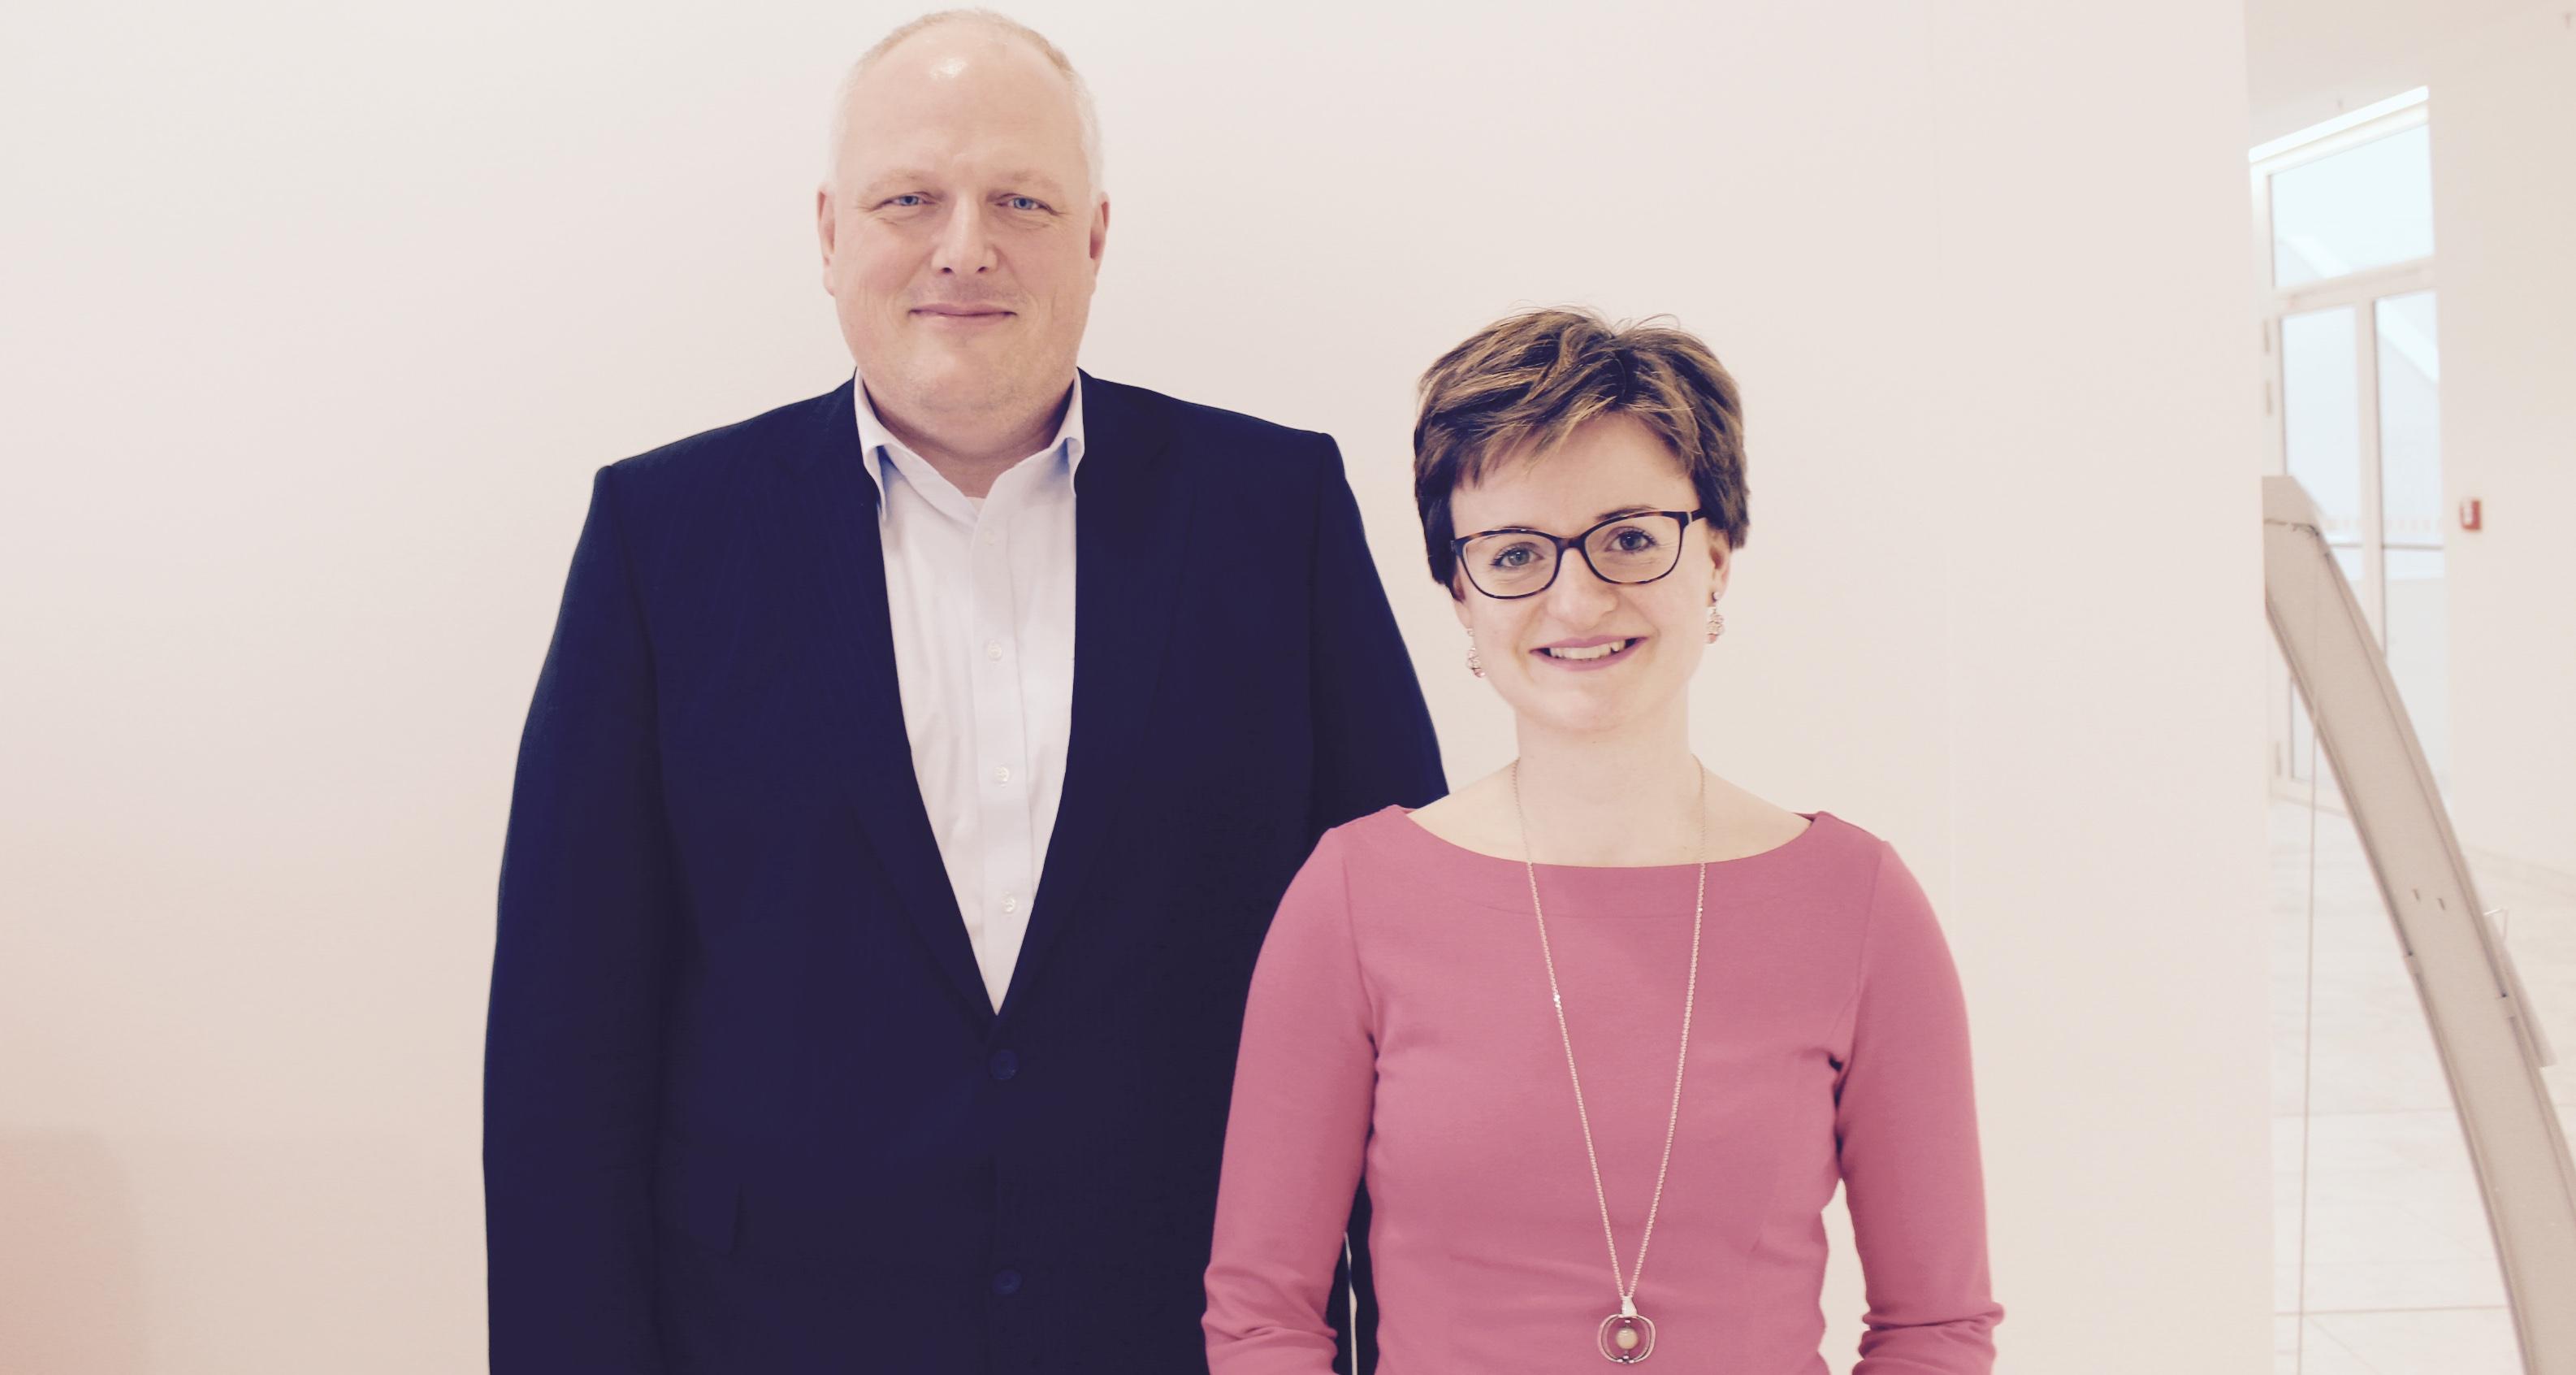 Ulrich Kelber (Staatssekretär im Bundesministerium für Justiz und Verbraucherschutz) und Stephanie Dehne